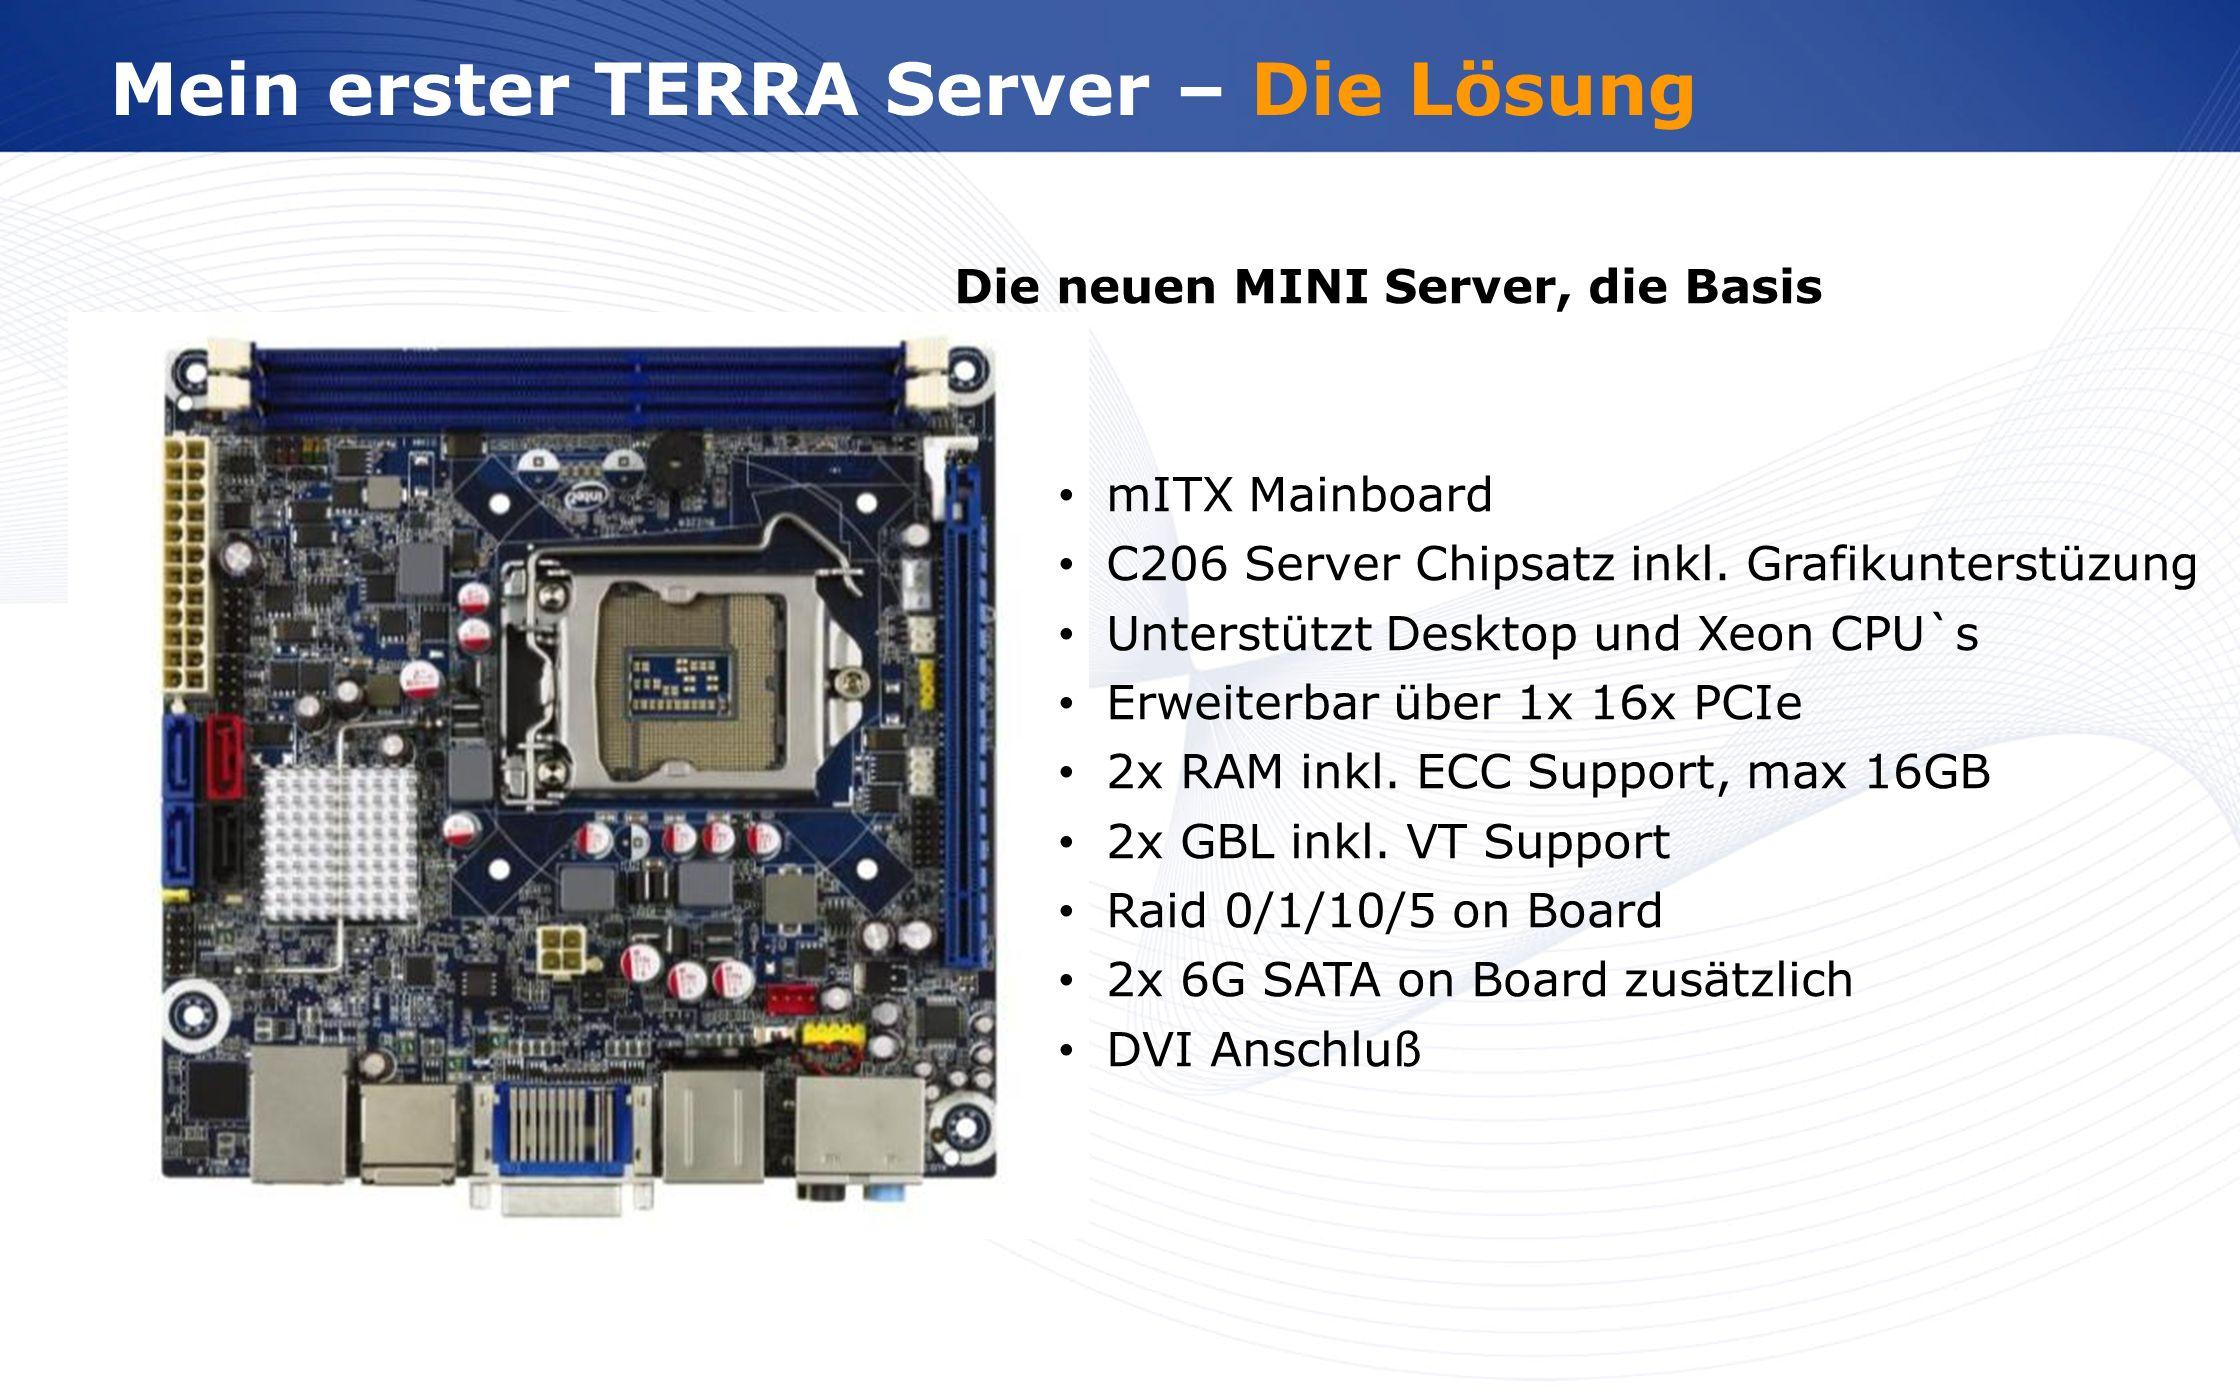 www.wortmann.de Mein erster TERRA Server – Die Lösung Die neuen MINI Server, die Basis mITX Mainboard C206 Server Chipsatz inkl. Grafikunterstüzung Un